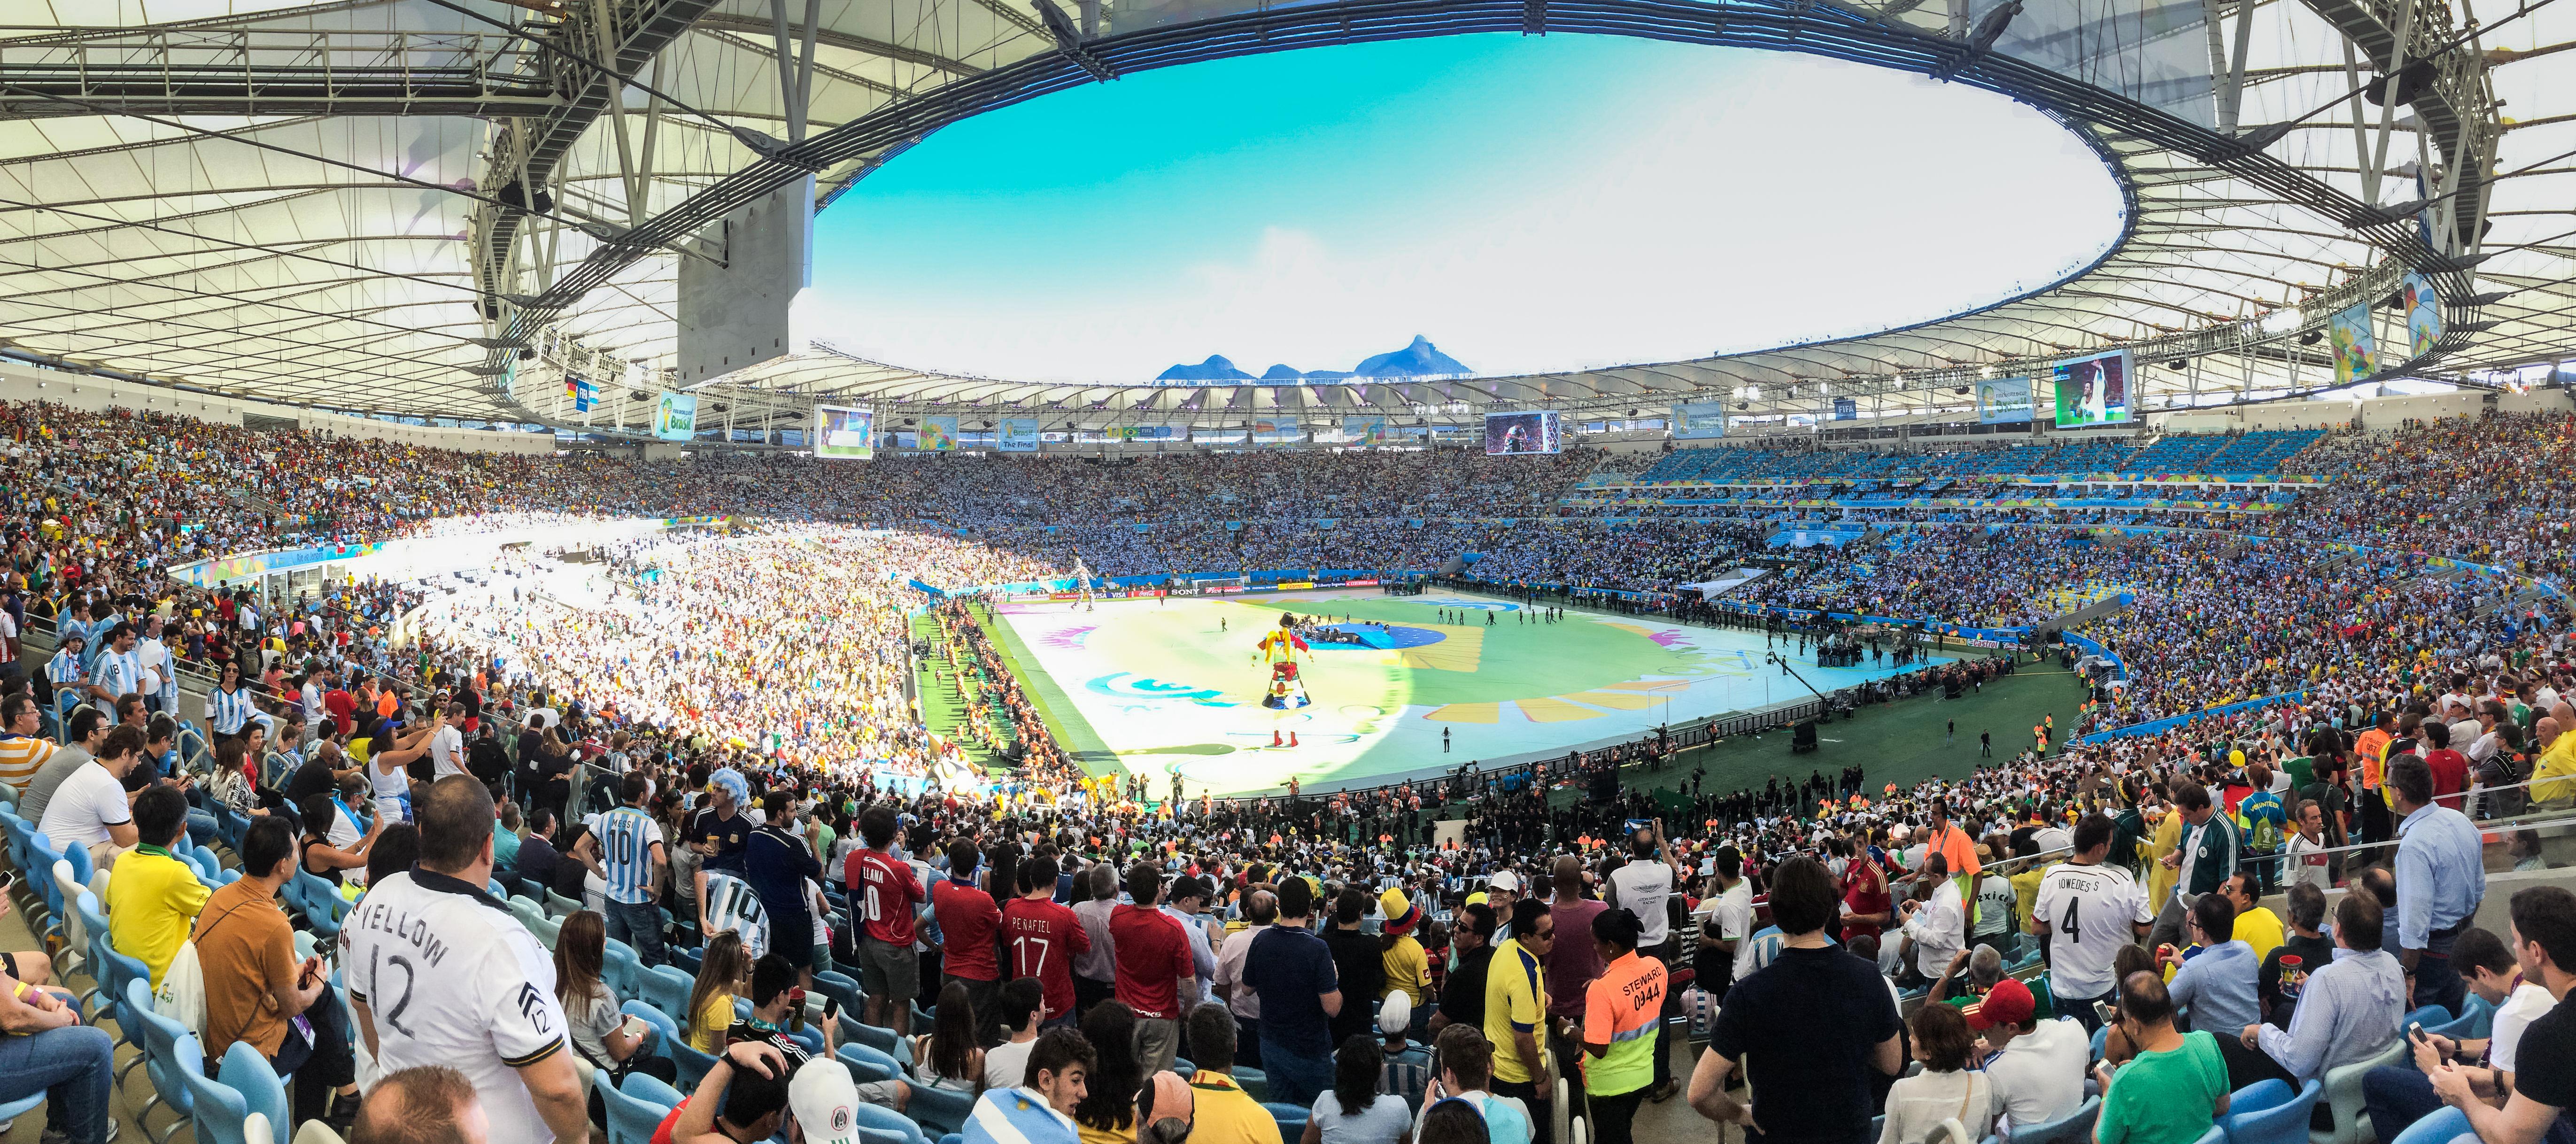 Stadion_Rio_de_Janeiro_Finale_WM_2014_(2